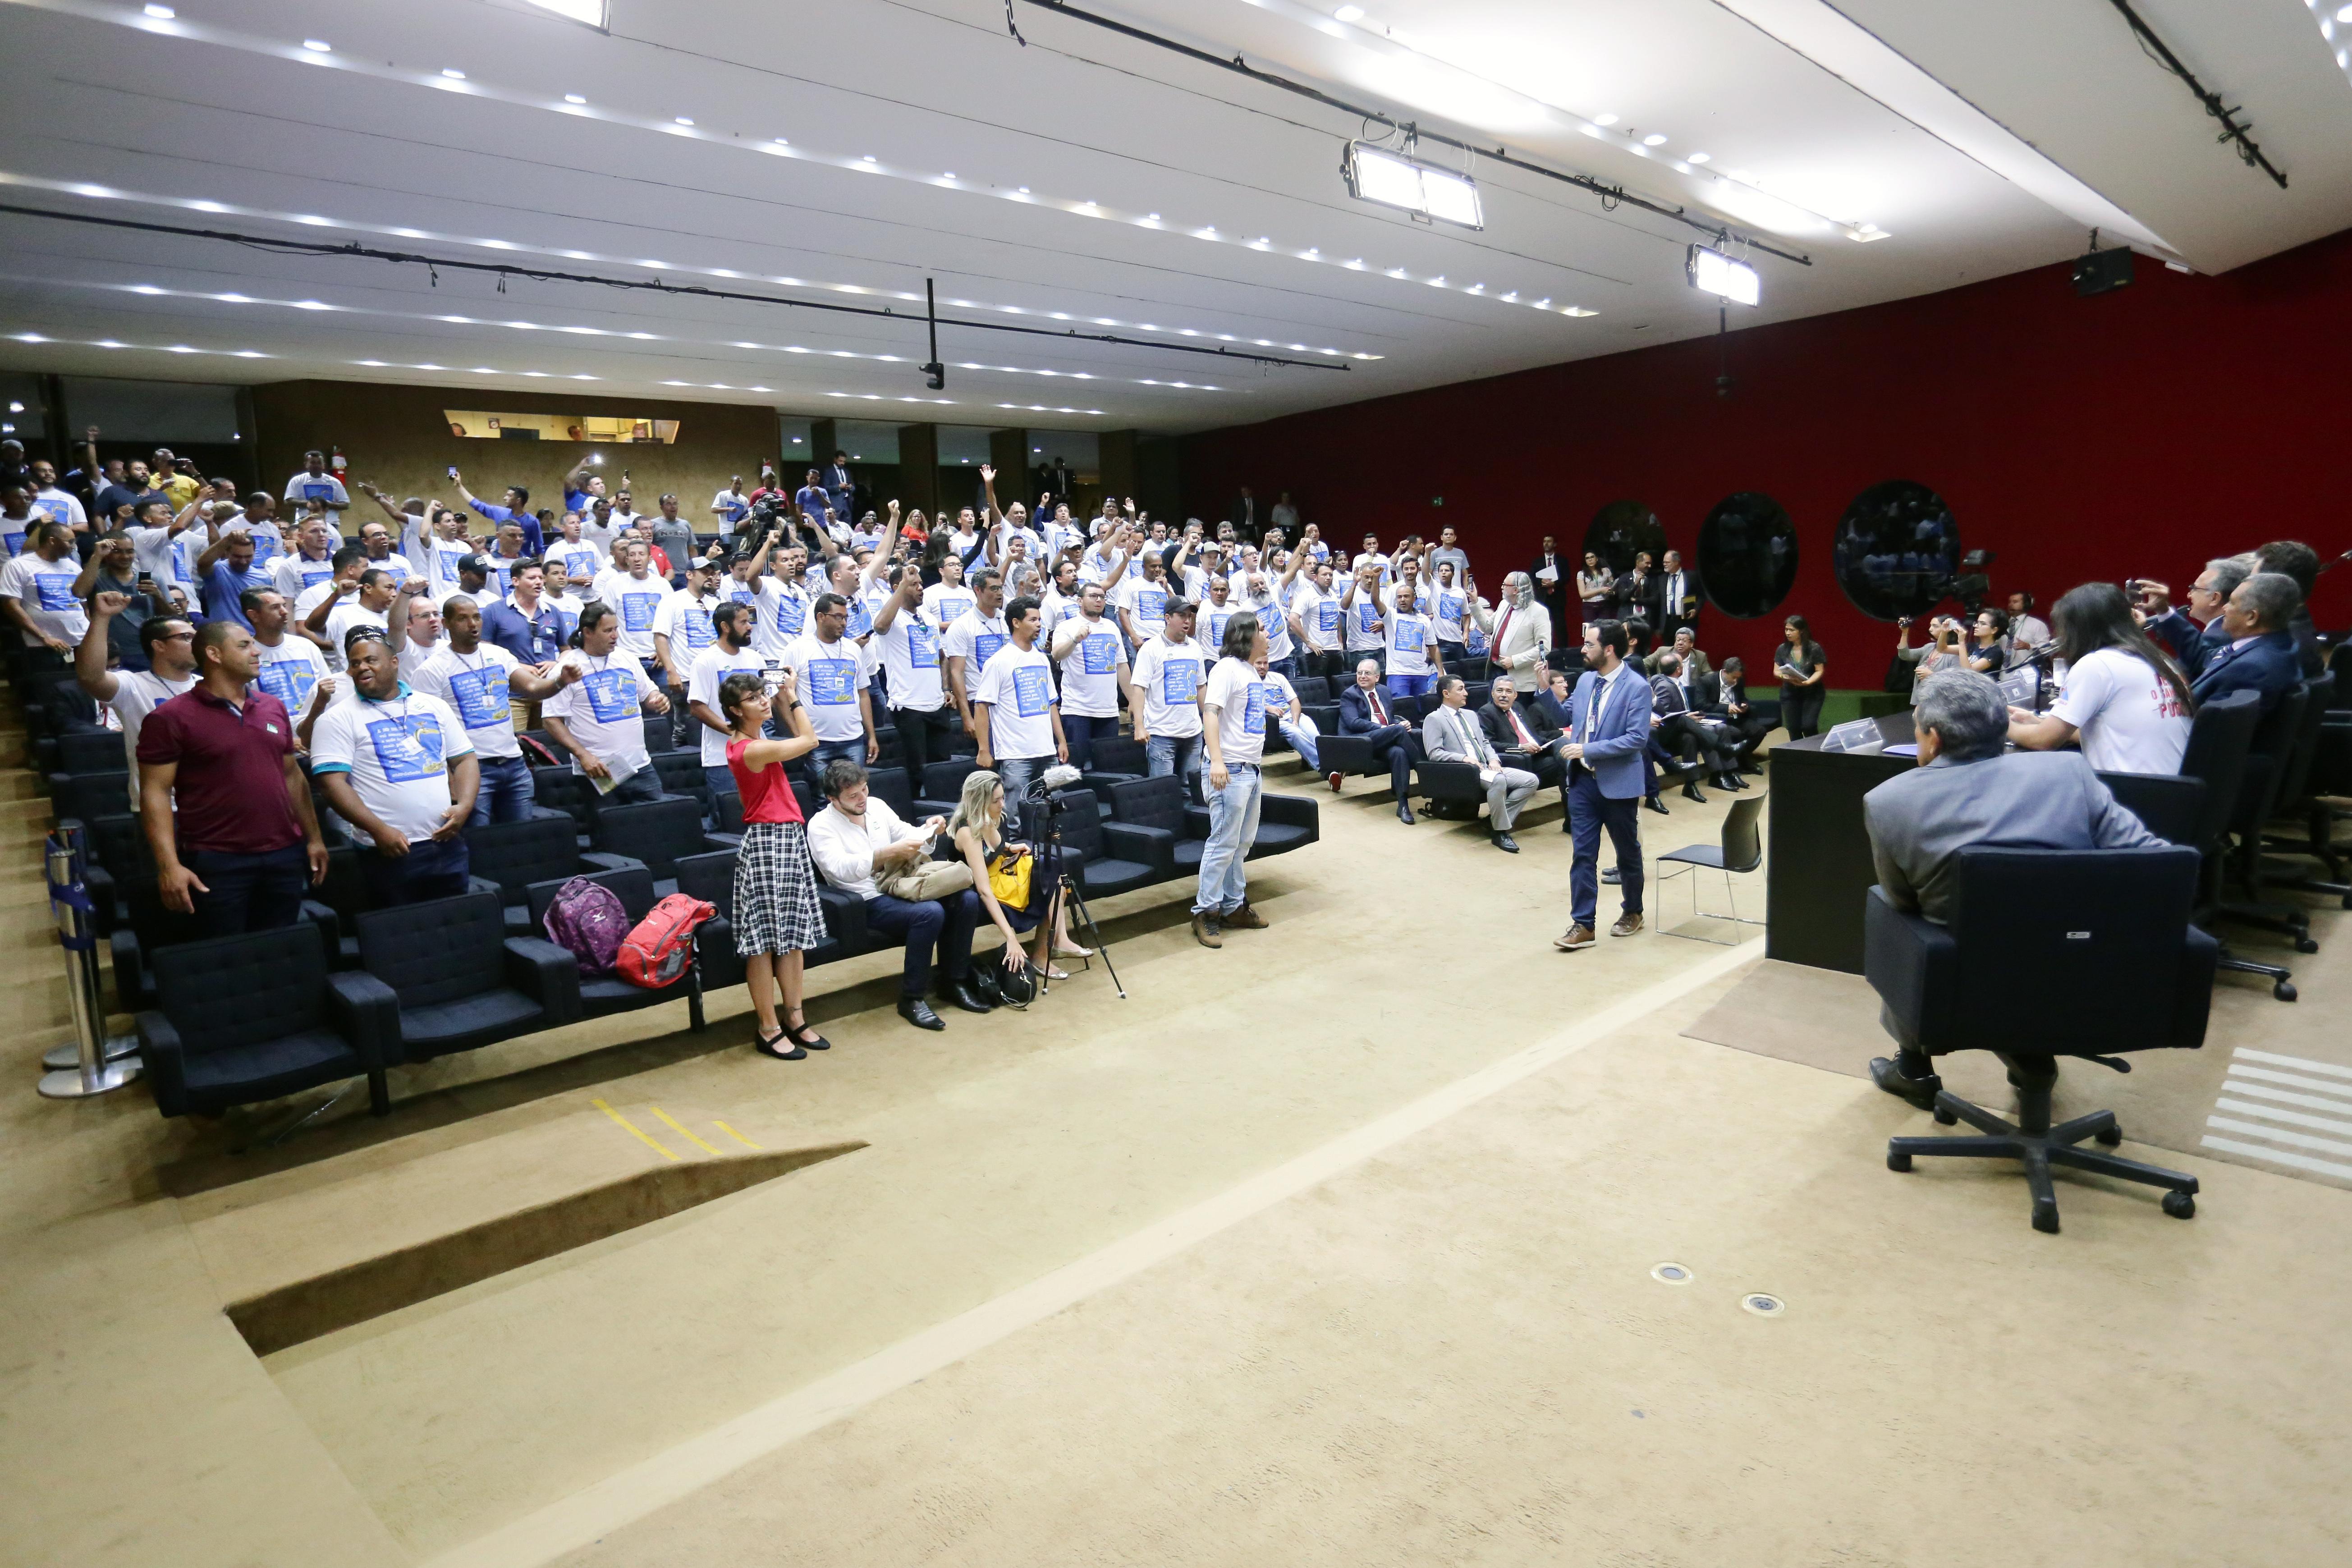 Audiência pública para debater as mudanças propostas para o setor de saneamento na Medida Provisória 868/18 e a consulta pública do PLANSAB